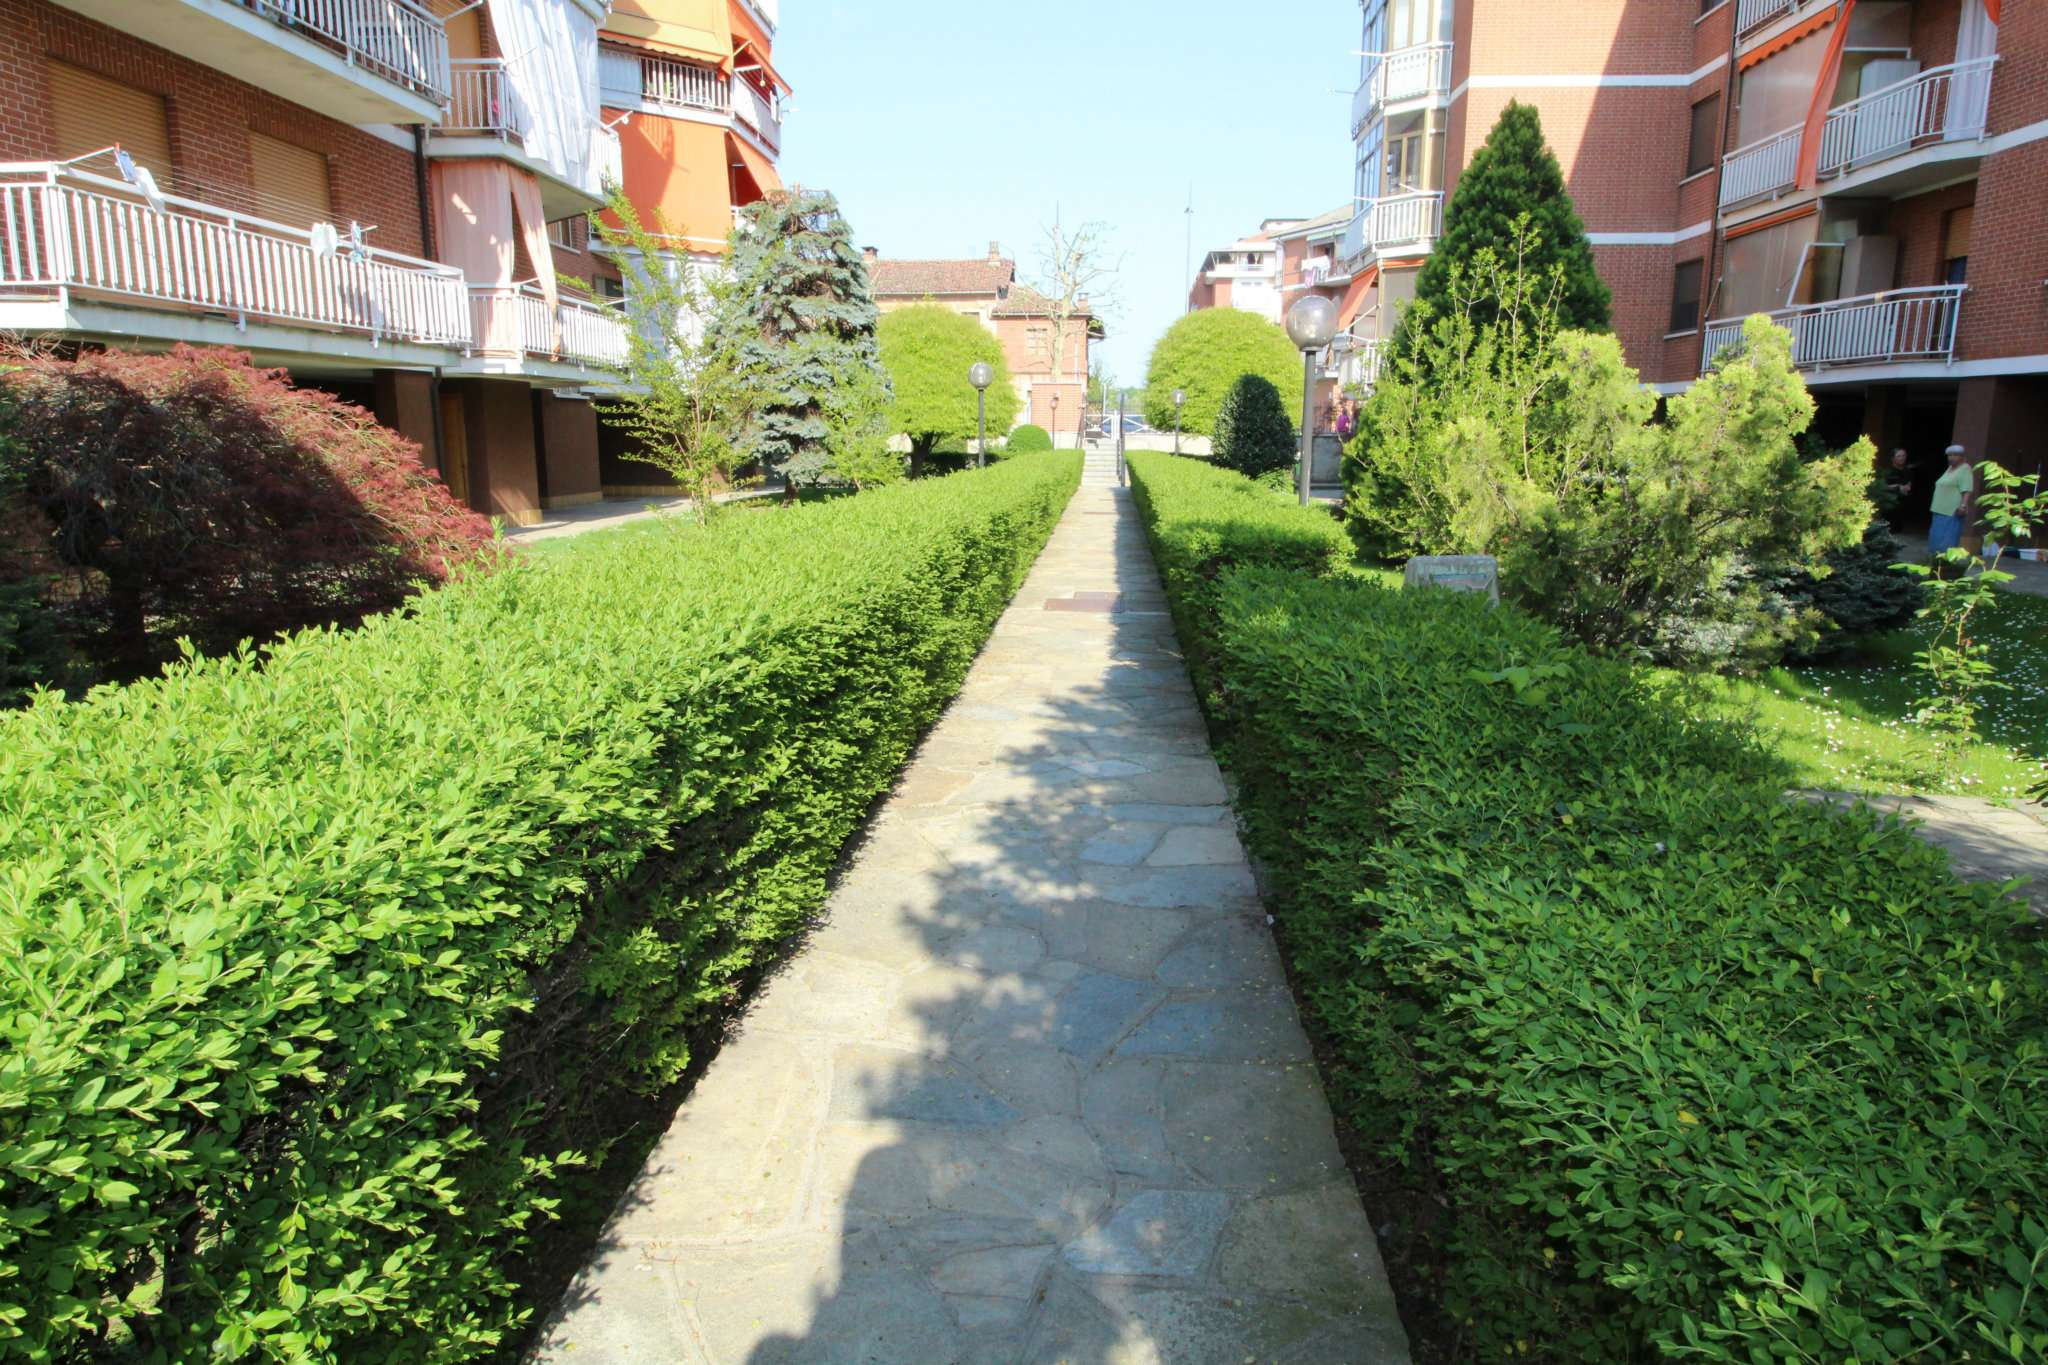 Appartamento in vendita a None, 3 locali, prezzo € 93.000 | CambioCasa.it